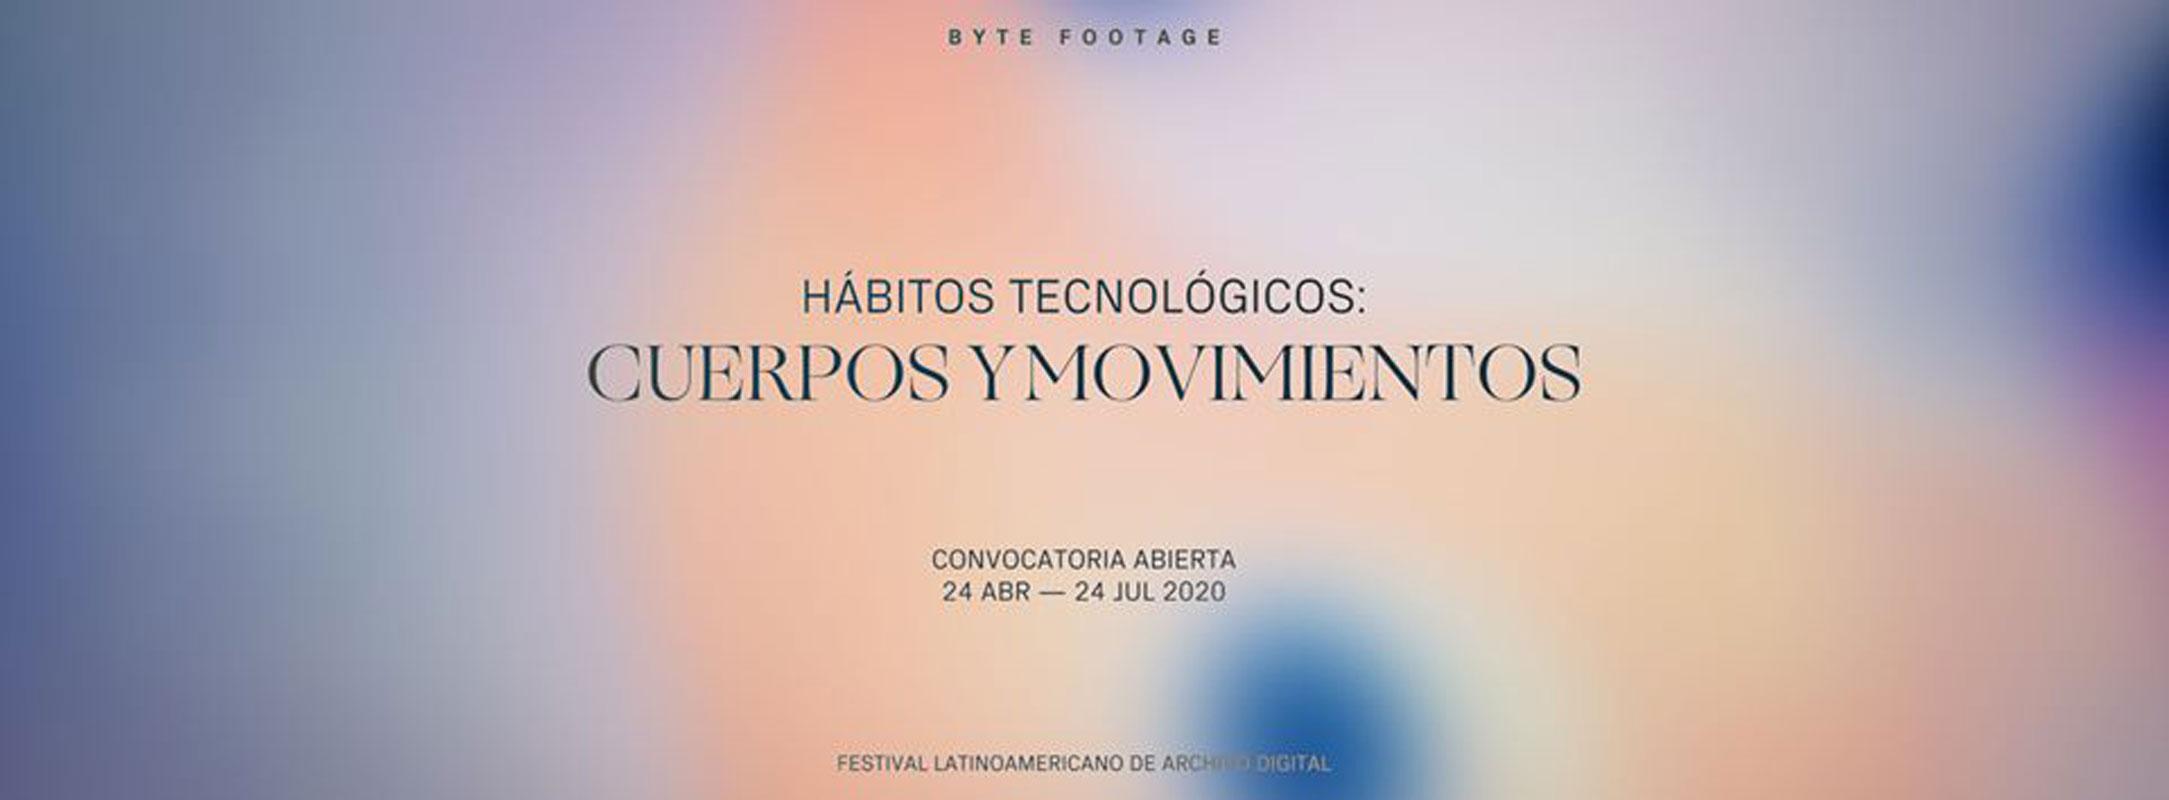 Convocatoria Hábitos Tecnológicos: cuerpos y movimientos